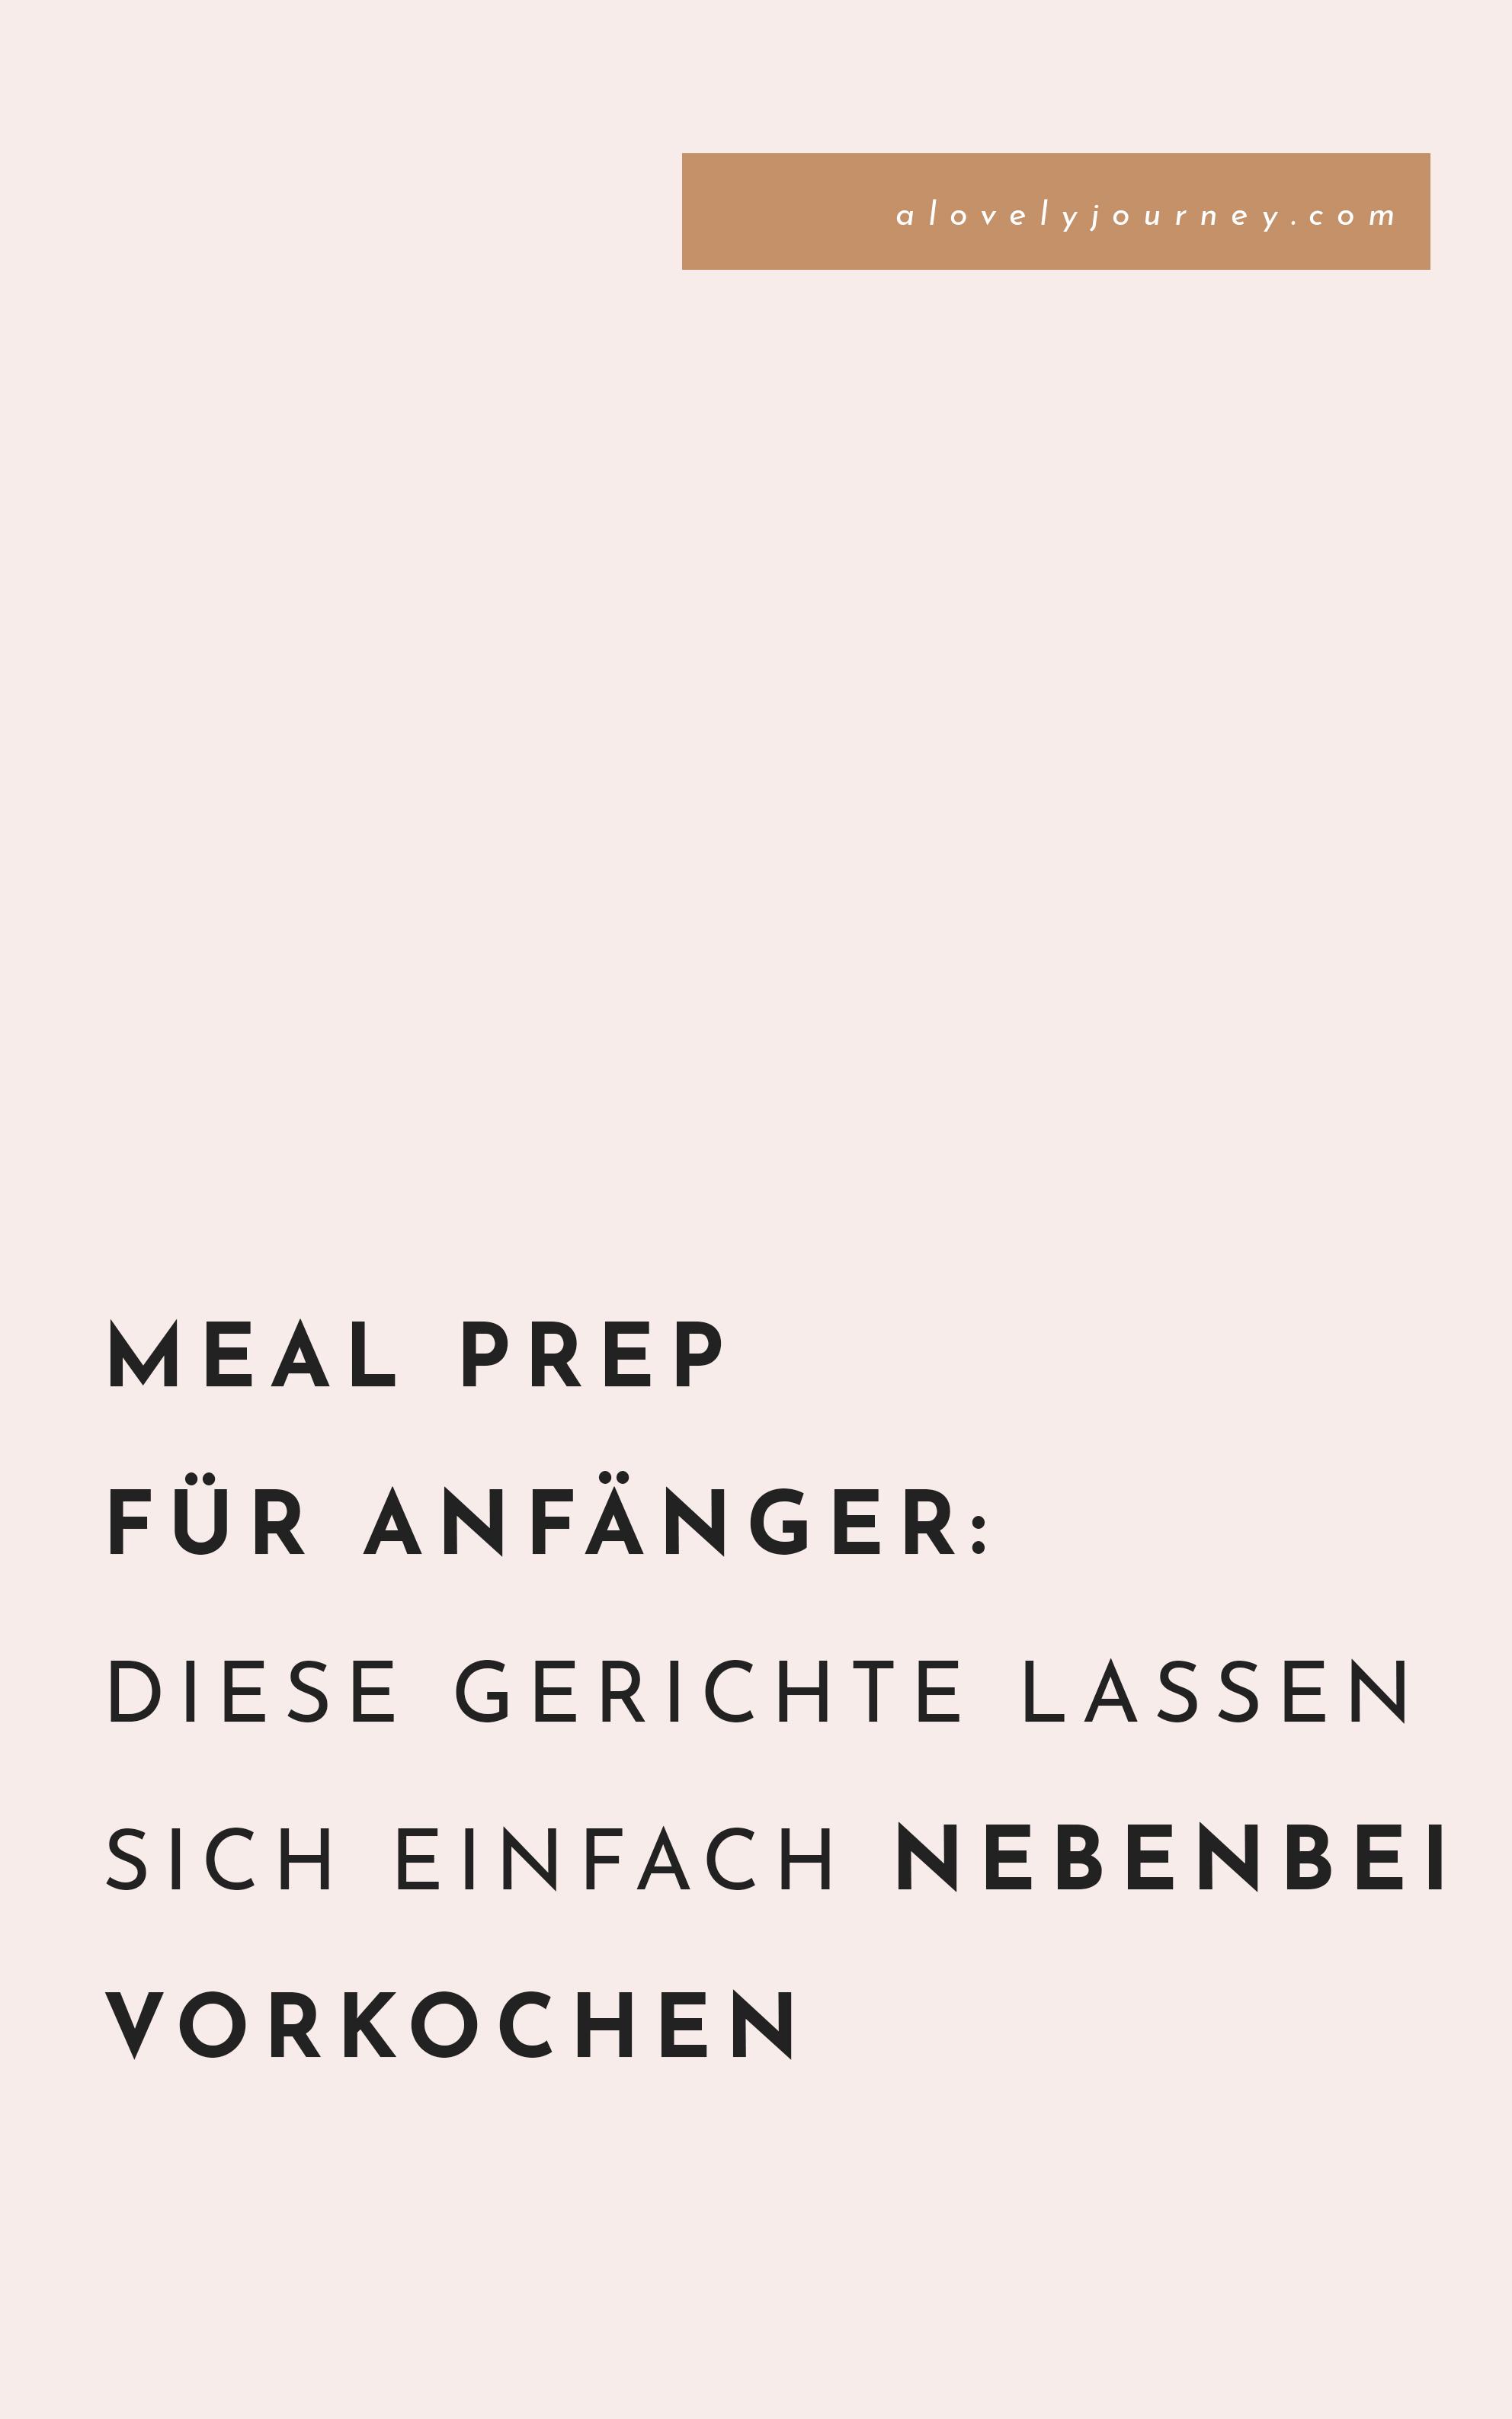 Meal Prep für Anfänger: diese Gerichte lassen sich einfach nebenbei vorkochen